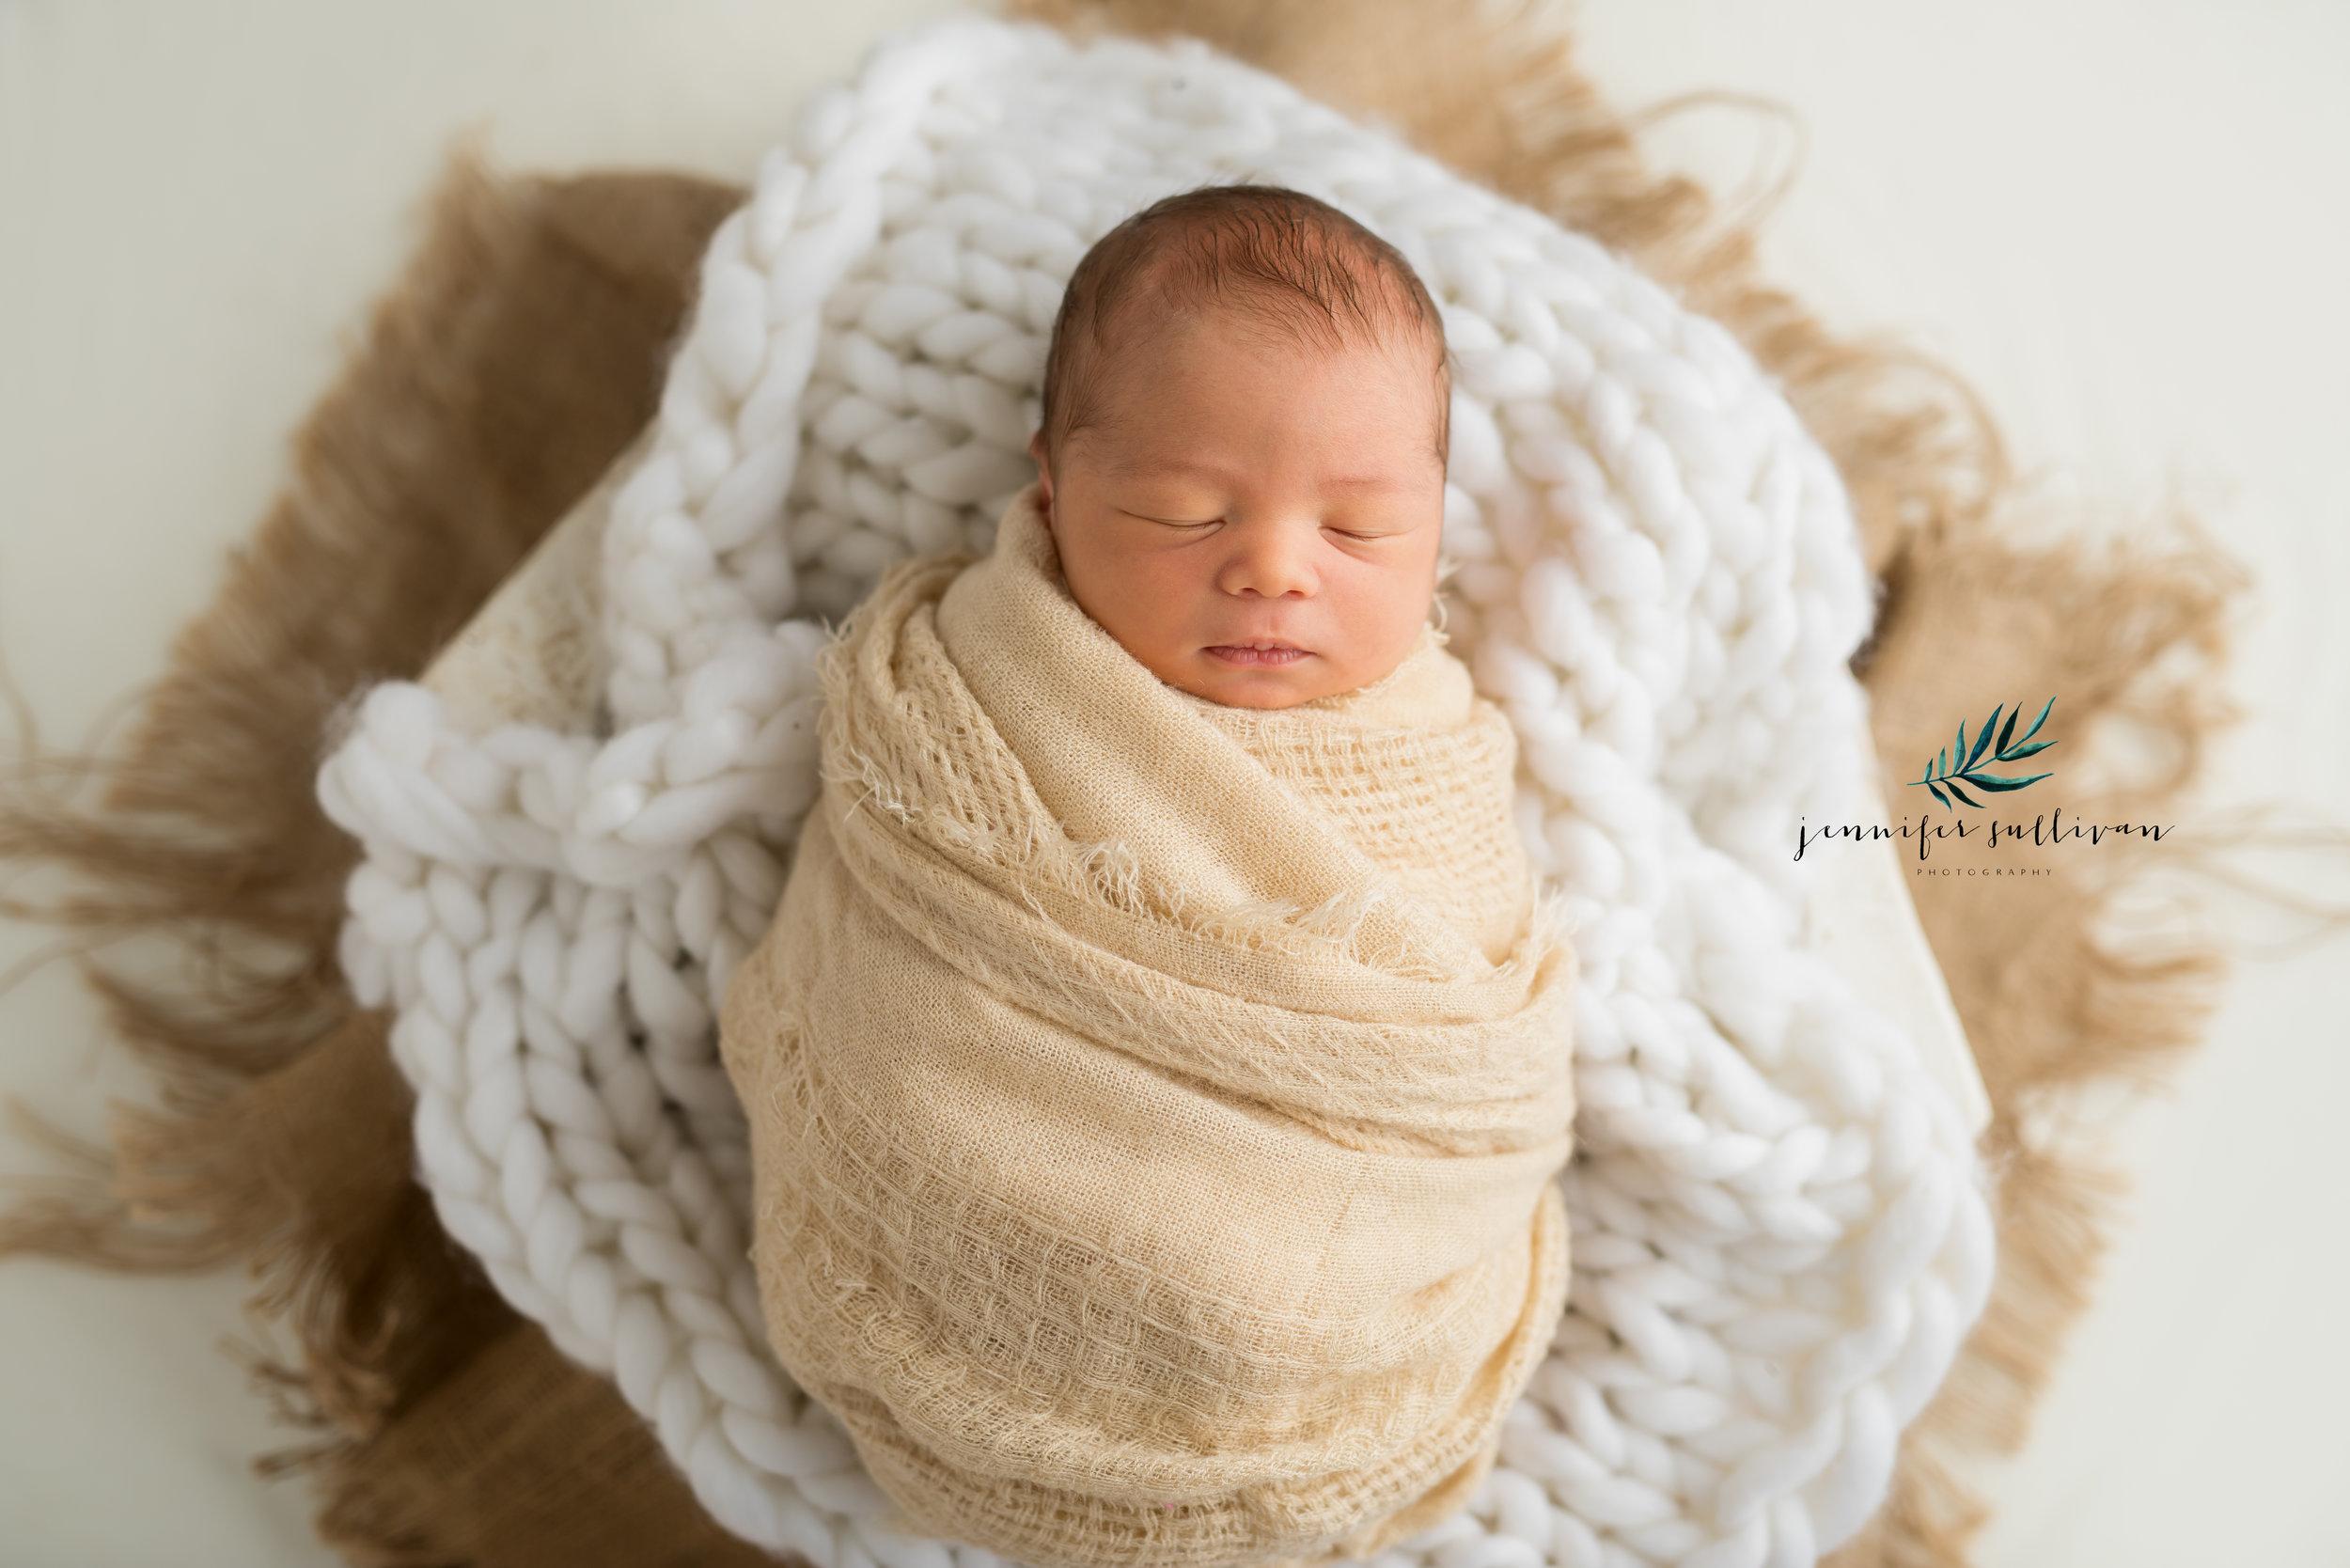 dartmouth baby photographer newborn-402-2.jpg